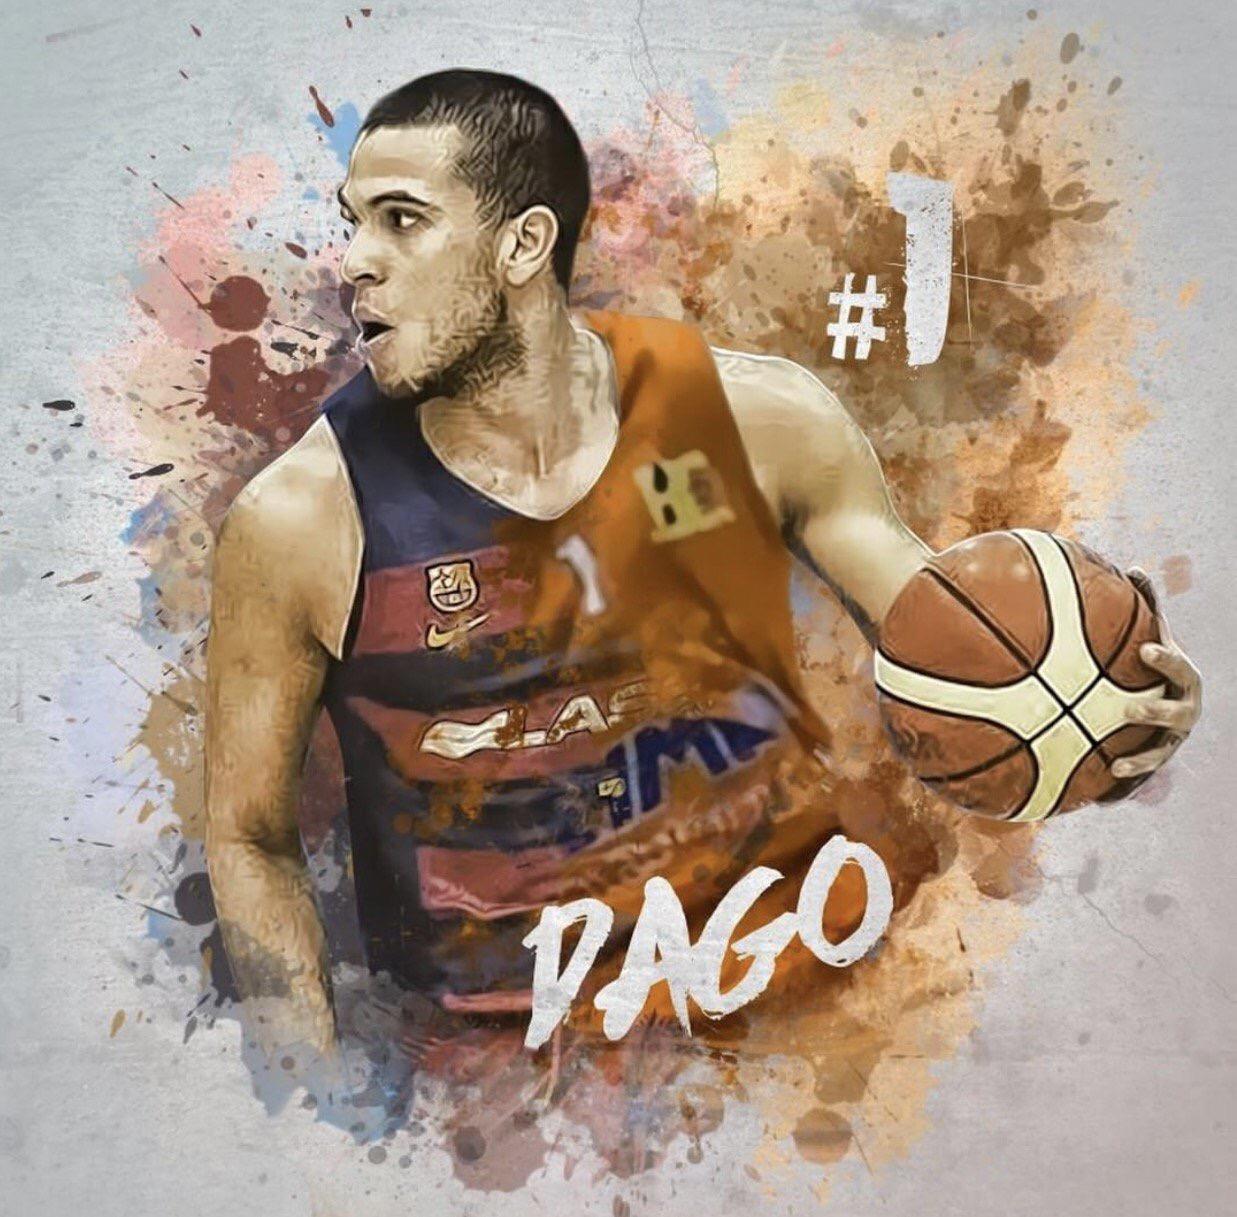 Dago Peña